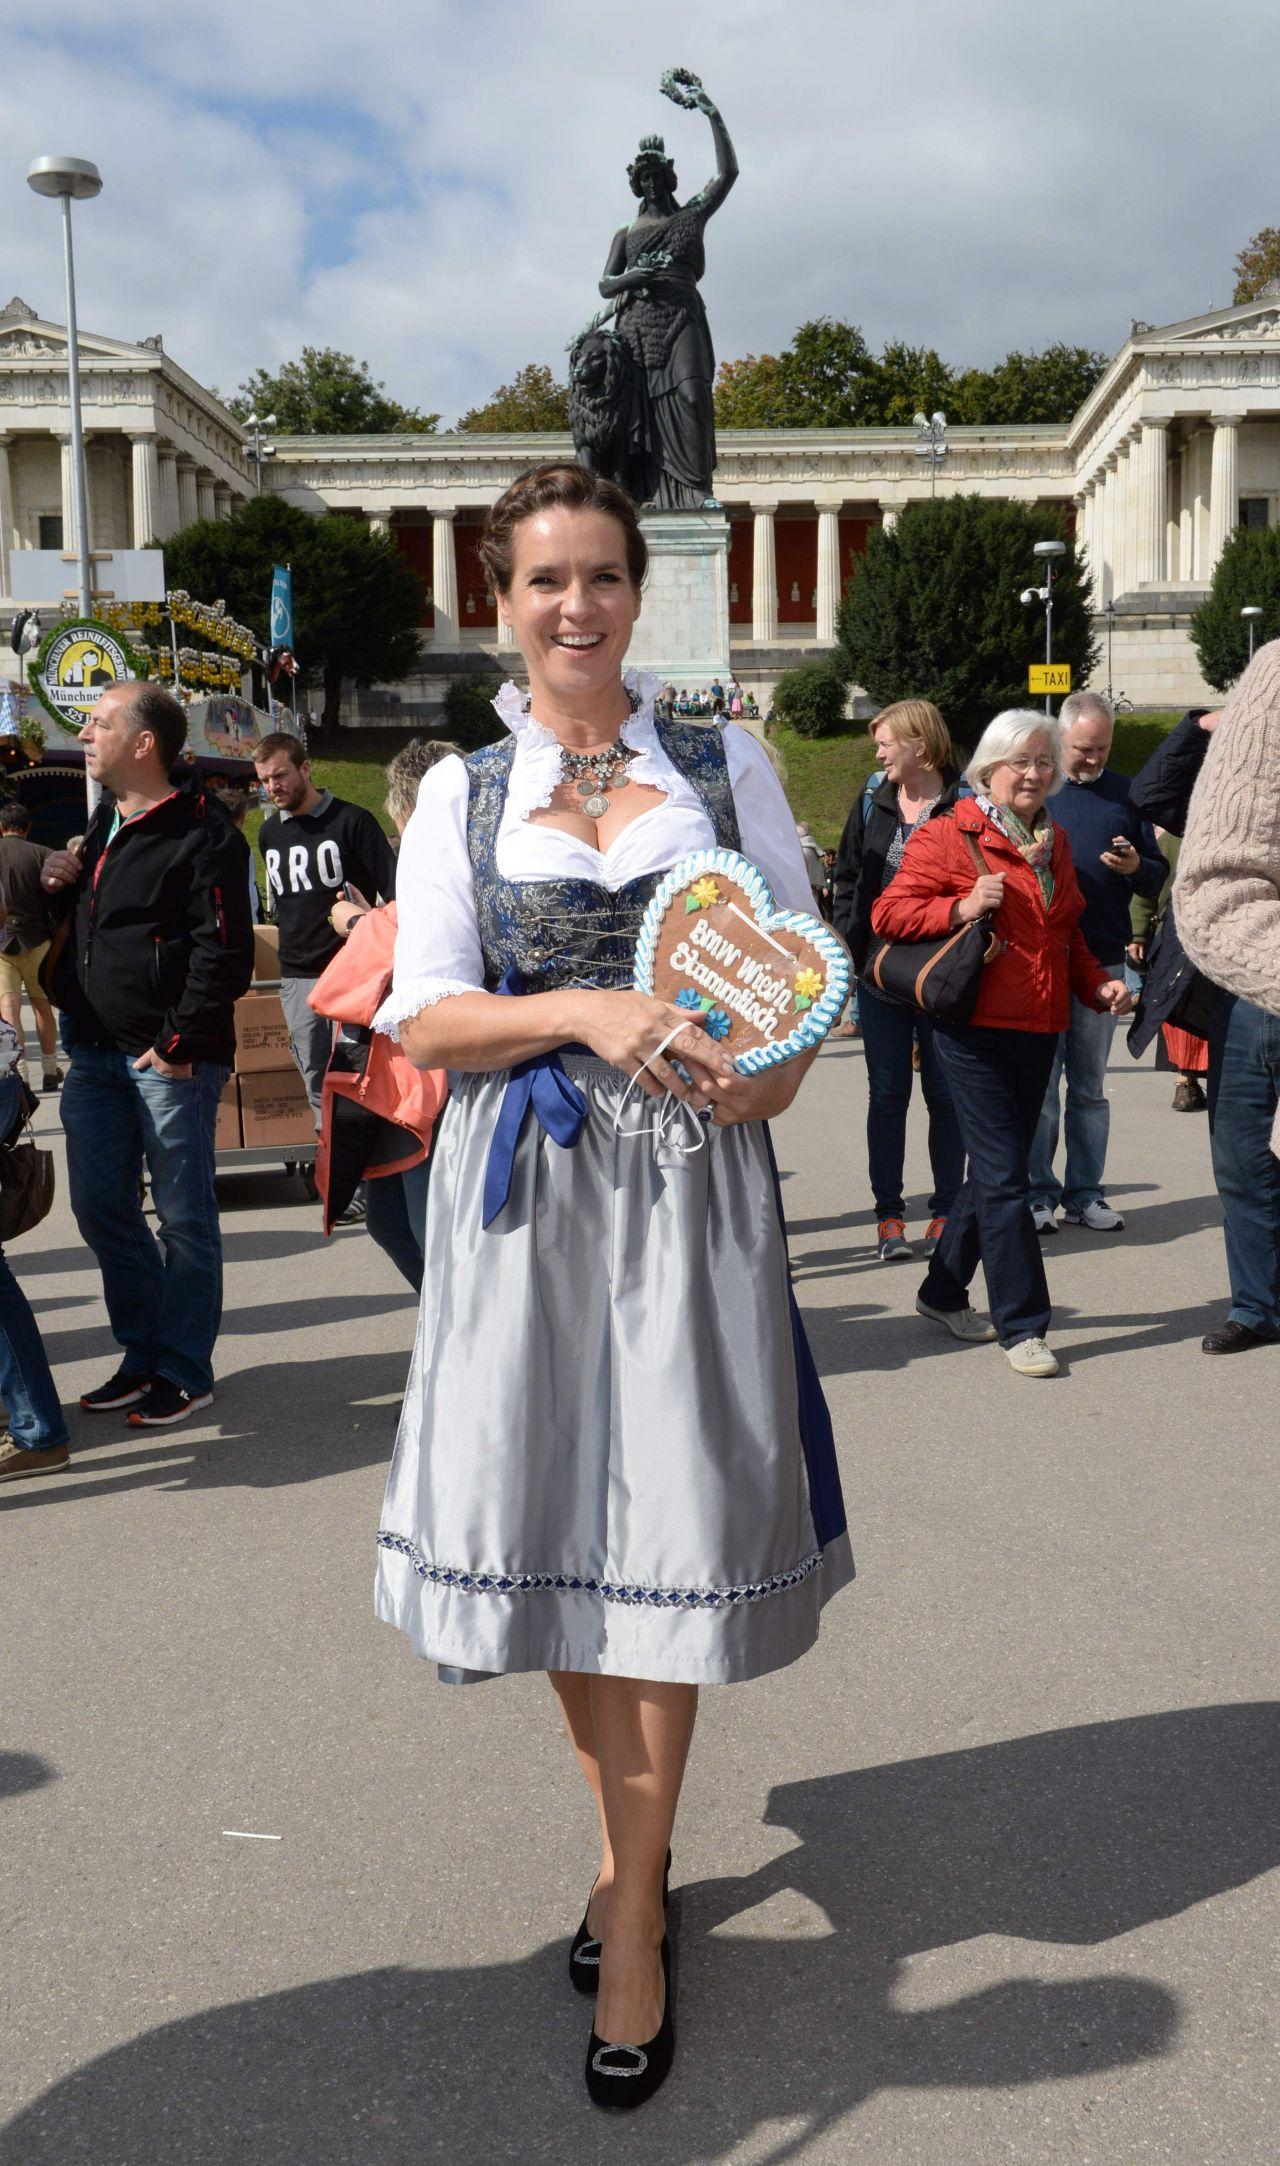 Katarina Witt - Oktoberfest in Munich, September 2014